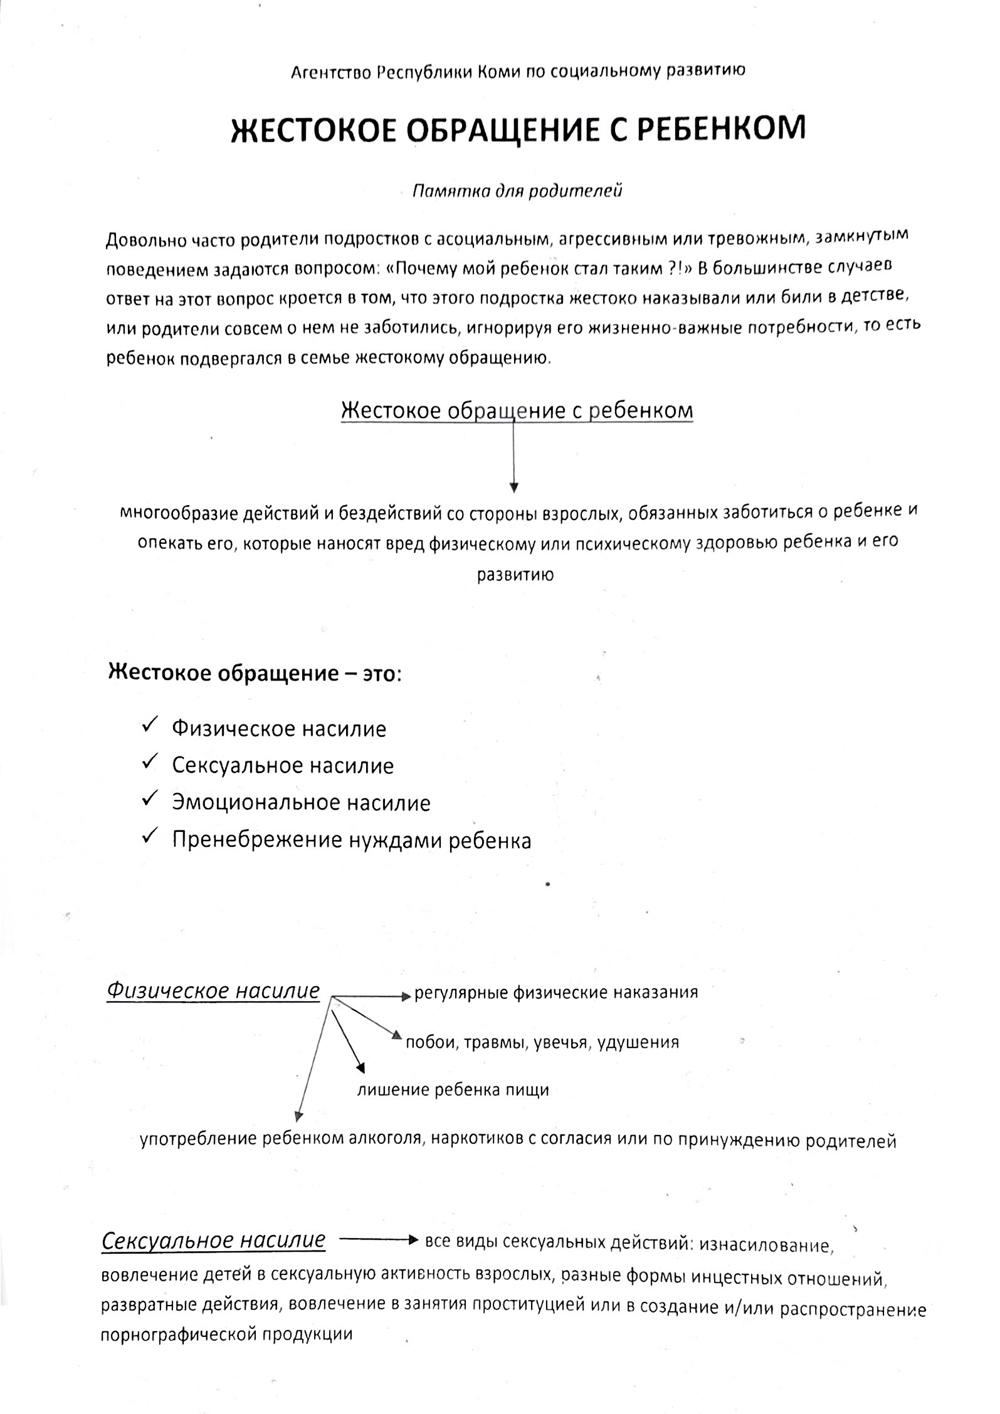 Как оформить опекунство в 2020? — правовед.ru